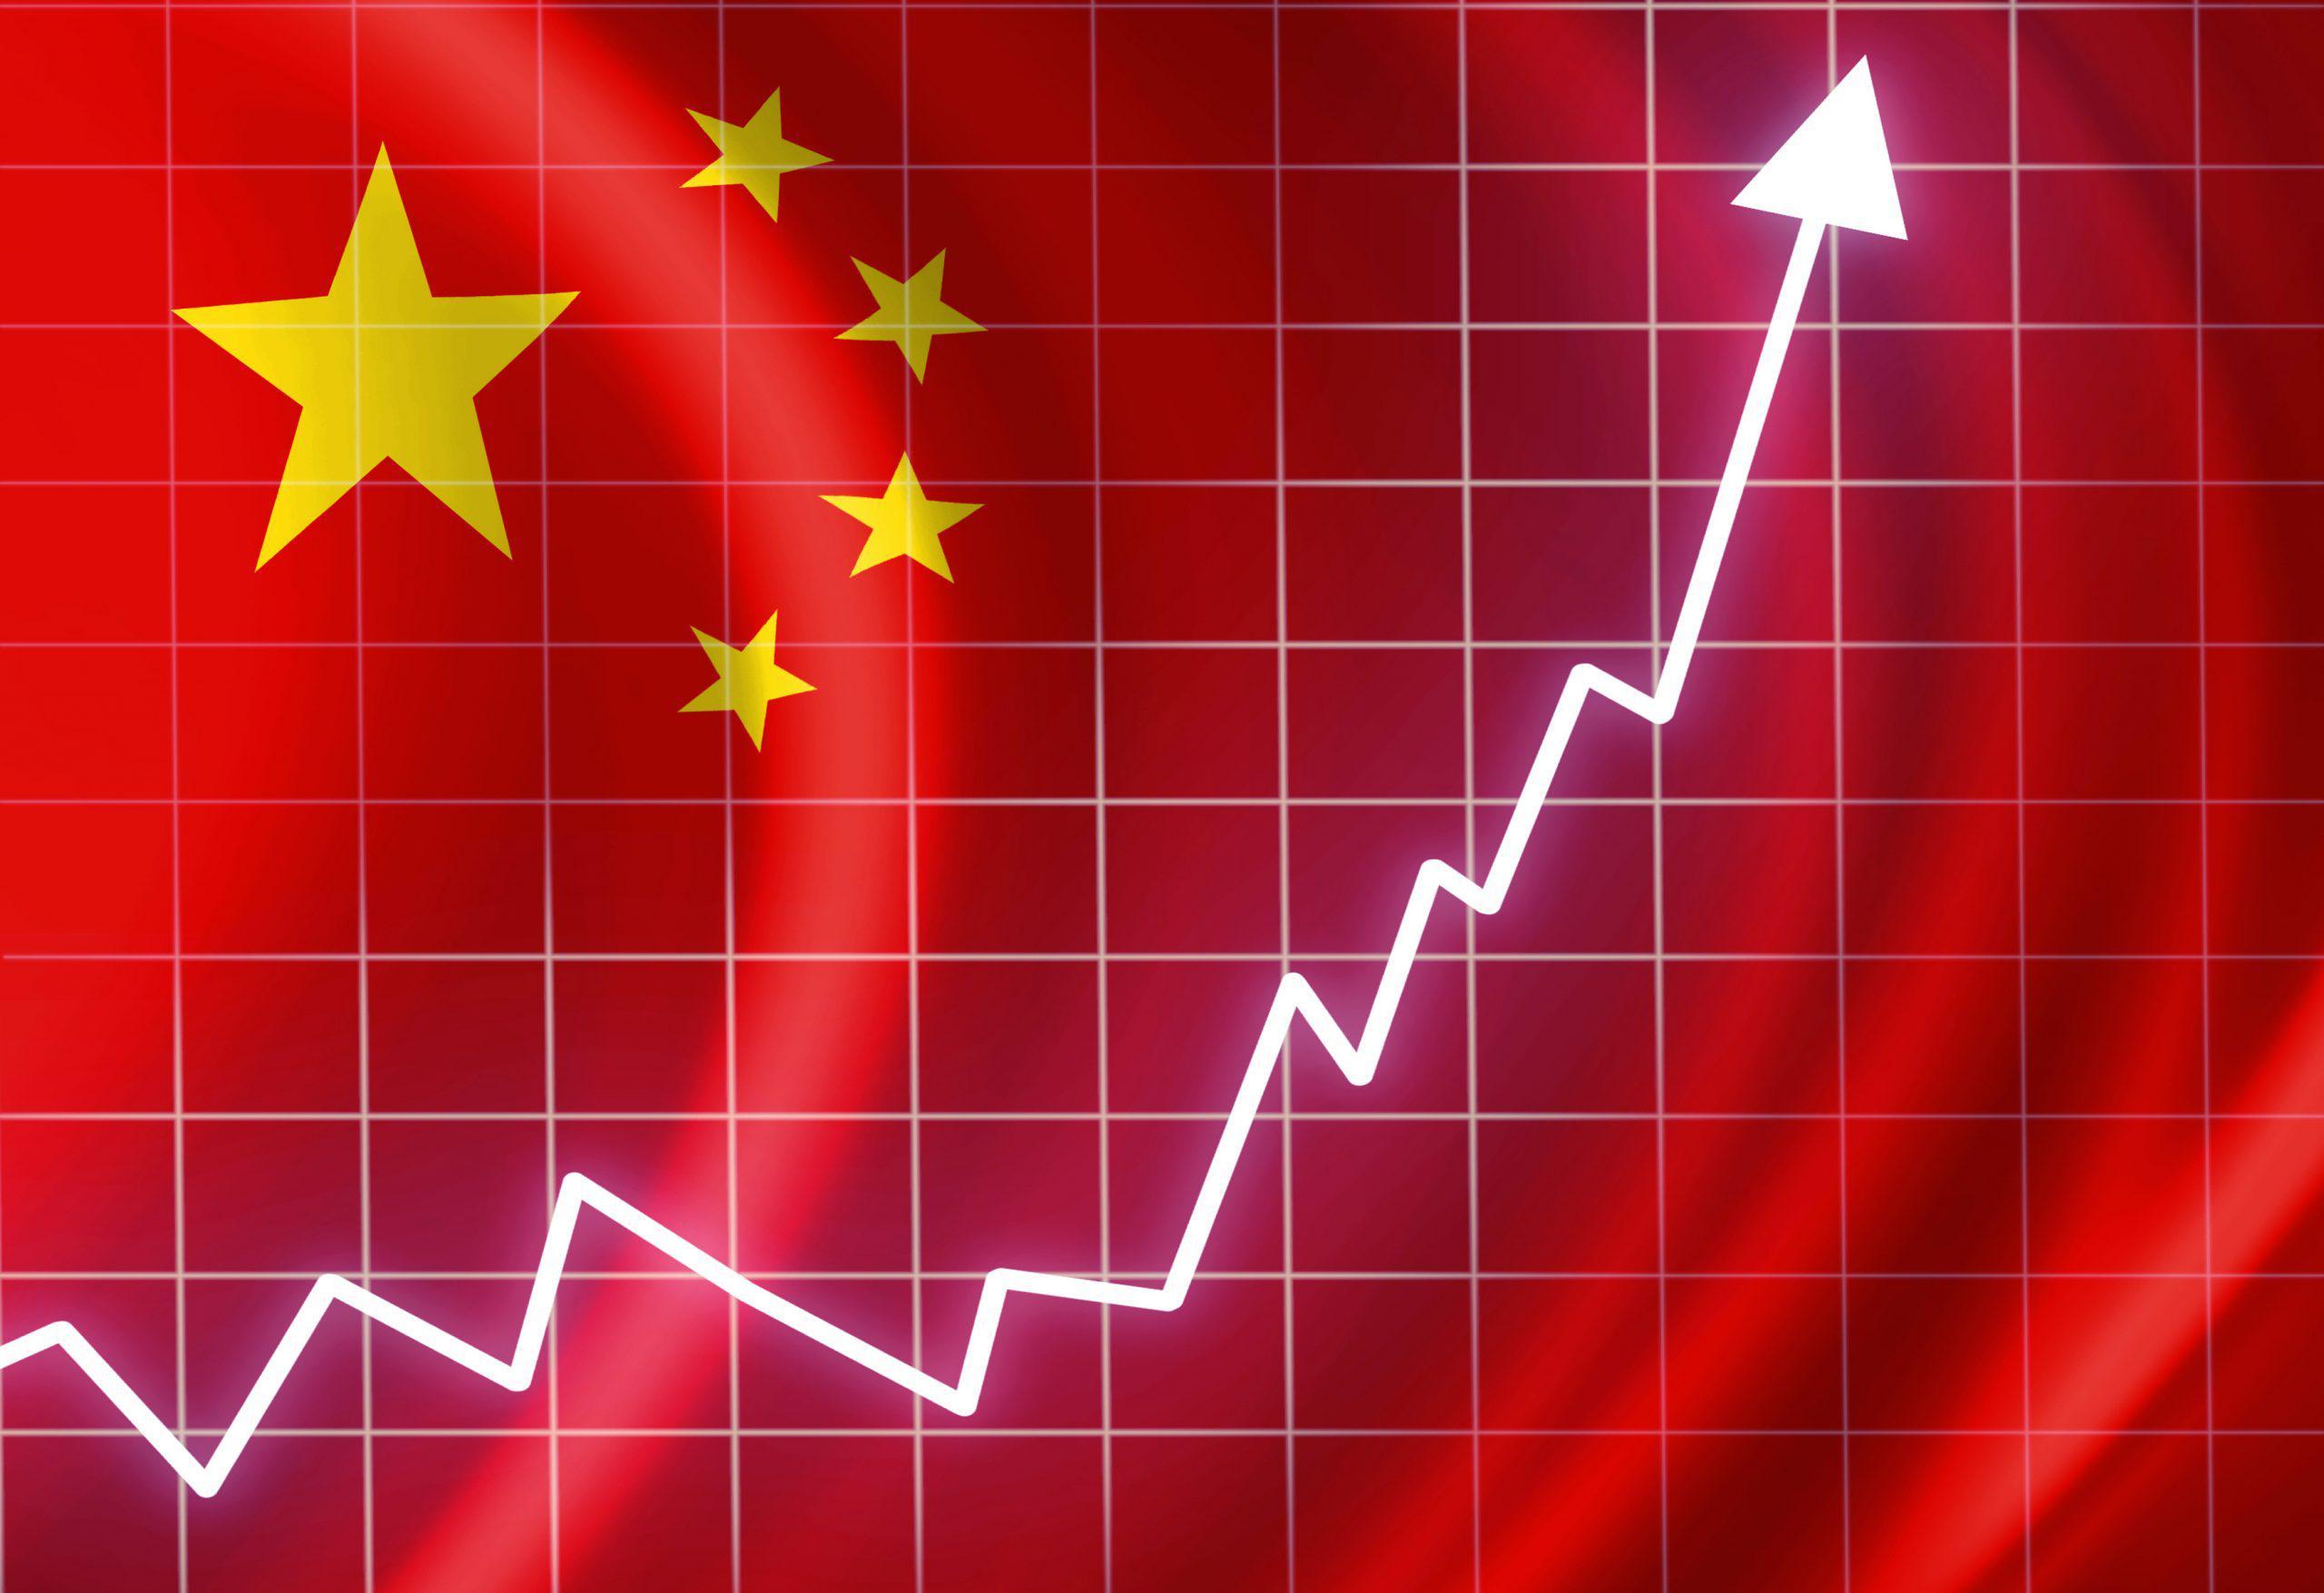 Premercado | Dato de PIB de China al cierre de 2020 activa mercados globales